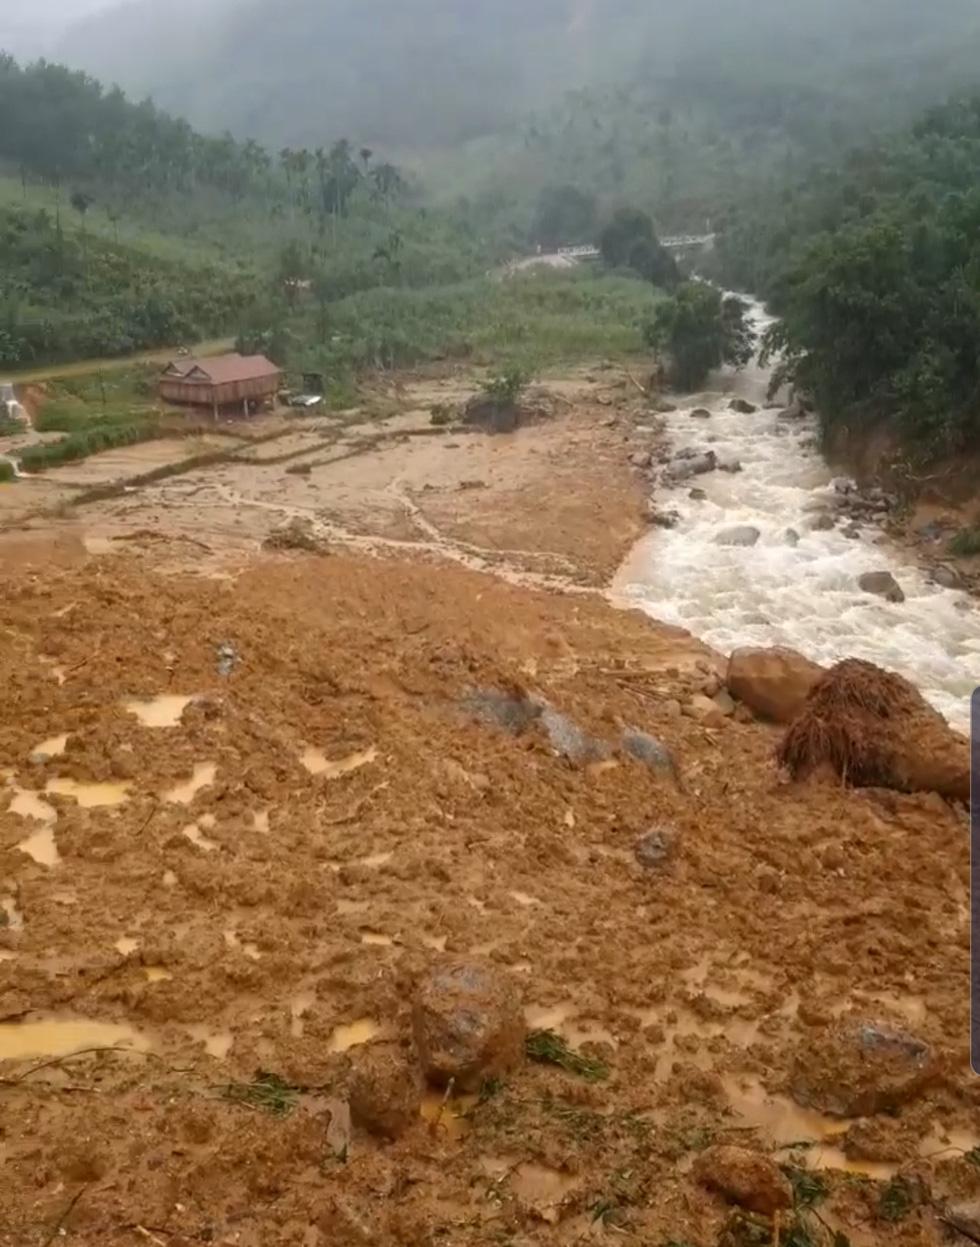 Sạt lở ở Quảng Ngãi, lũ bùn chảy như một dòng sông - Ảnh 4.